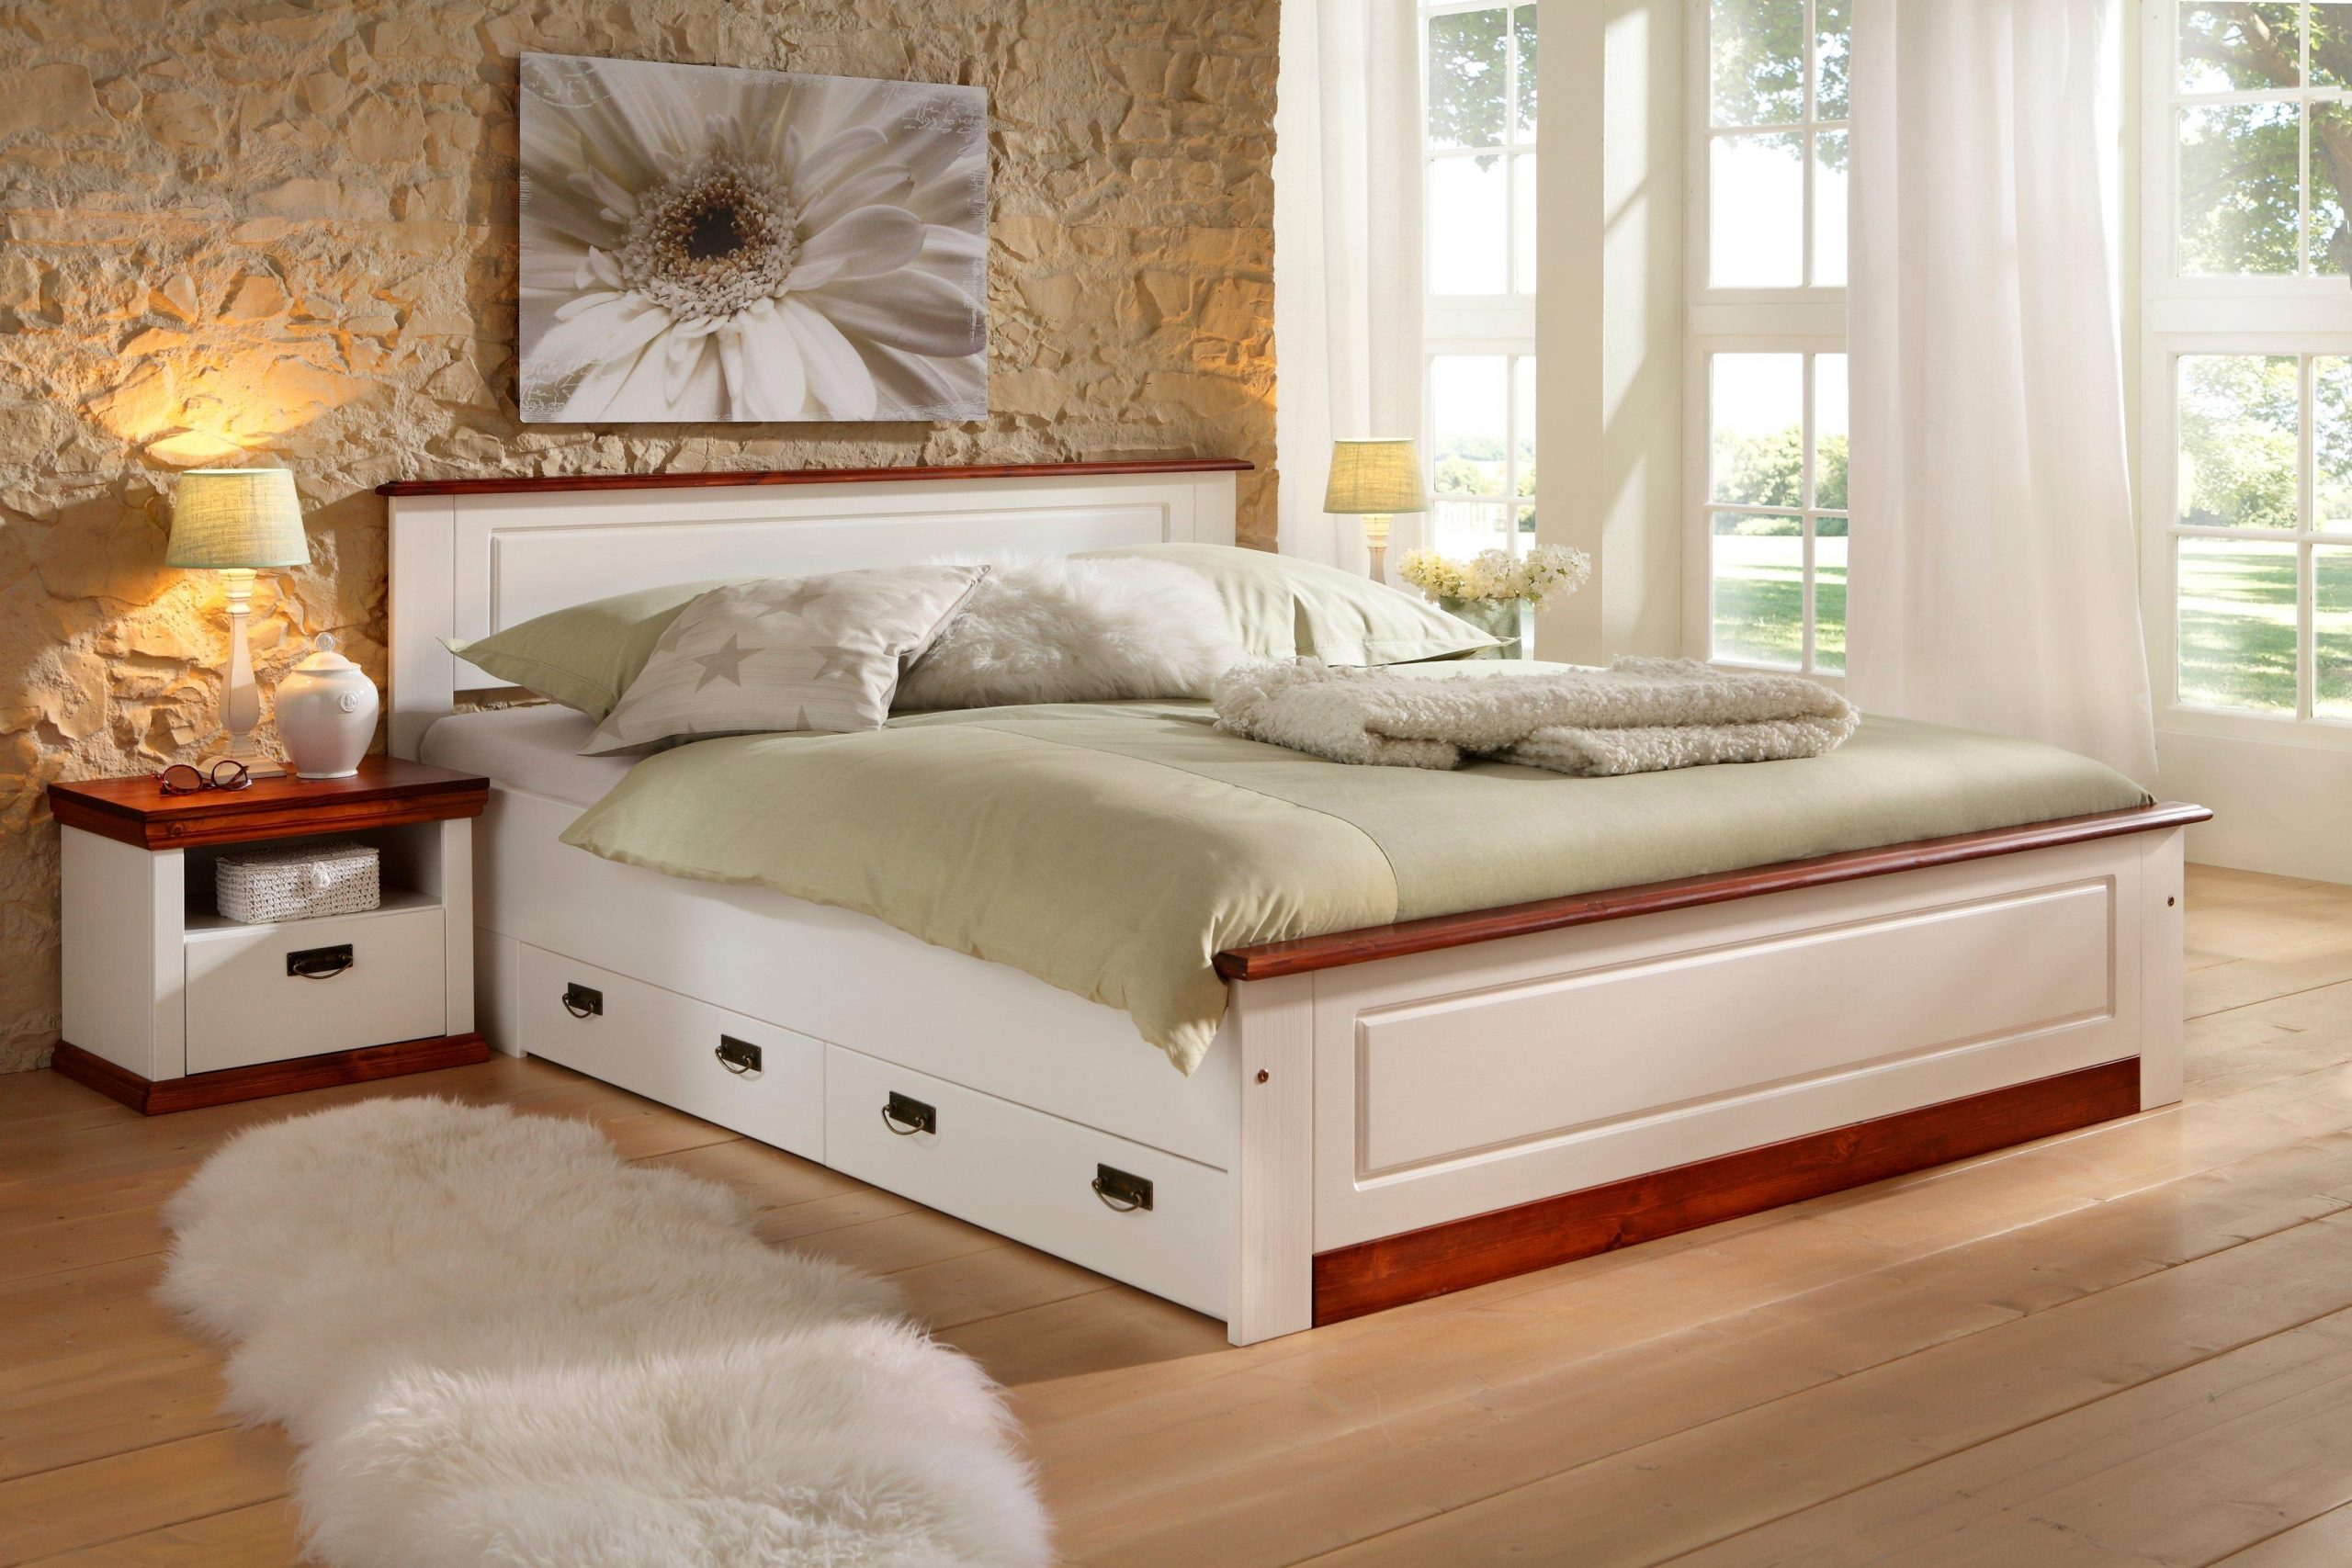 Full Size of Home Affaire Bett Madrid Bestellen Baur Amerikanisches Billige Betten 160x200 Mit Lattenrost Trends Ausziehbares Schubladen Cars Such Frau Fürs 140x200 Breite Bett Bett Holz